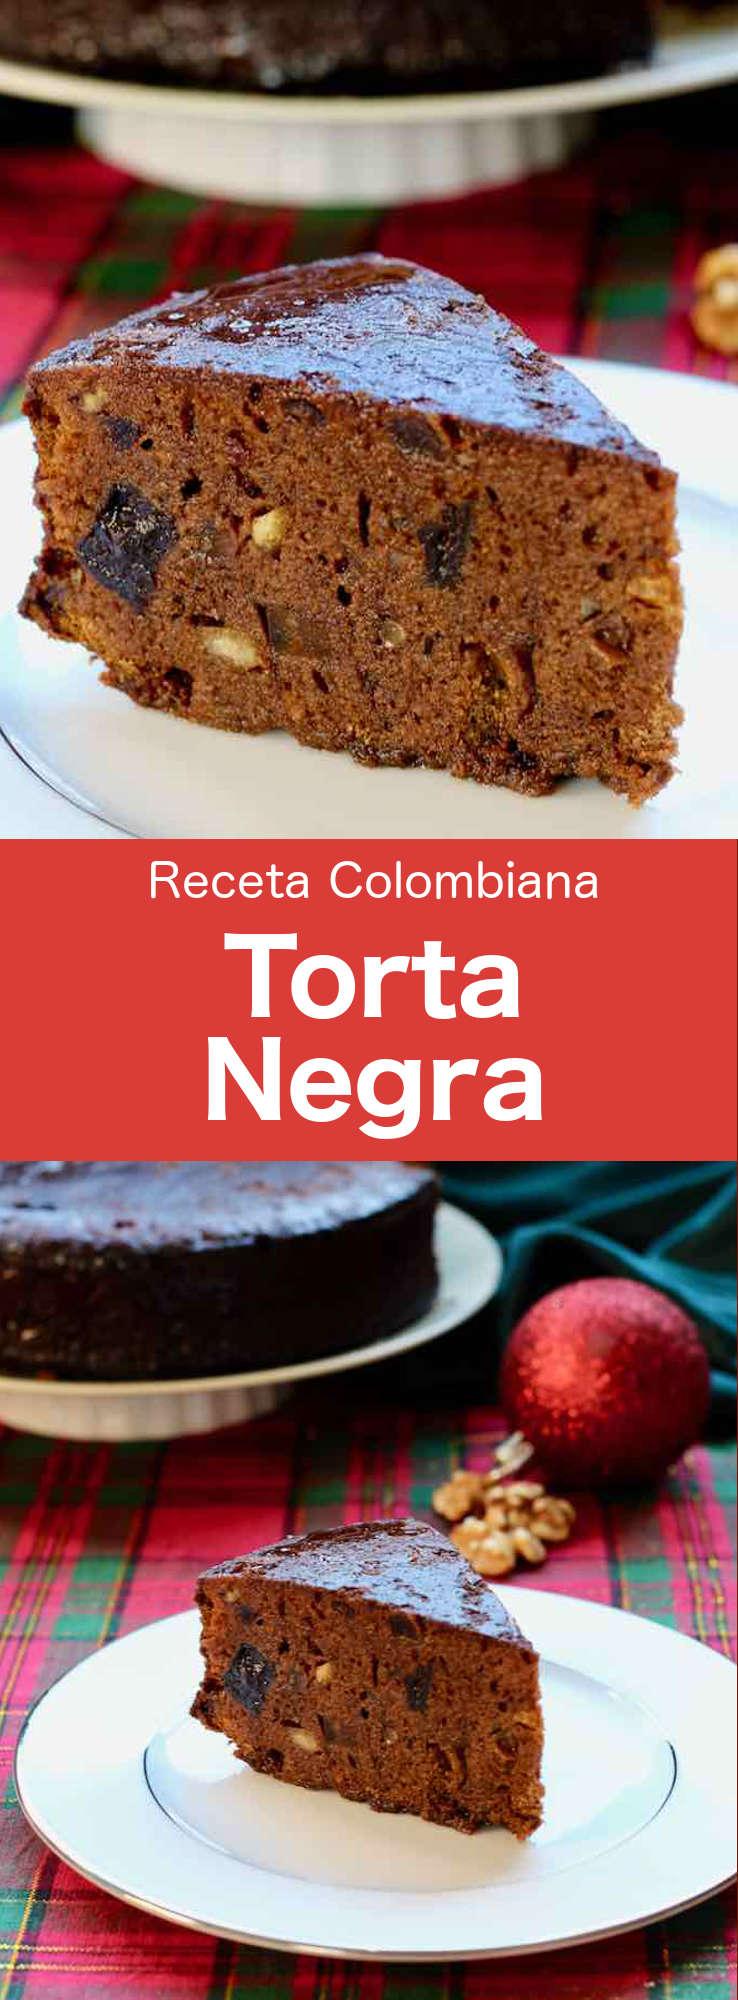 La torta negra es un pastel de chocolate preparado con frutos secos y macerados en alcohol, que es muy popular durante la Navidad en toda América Latina.